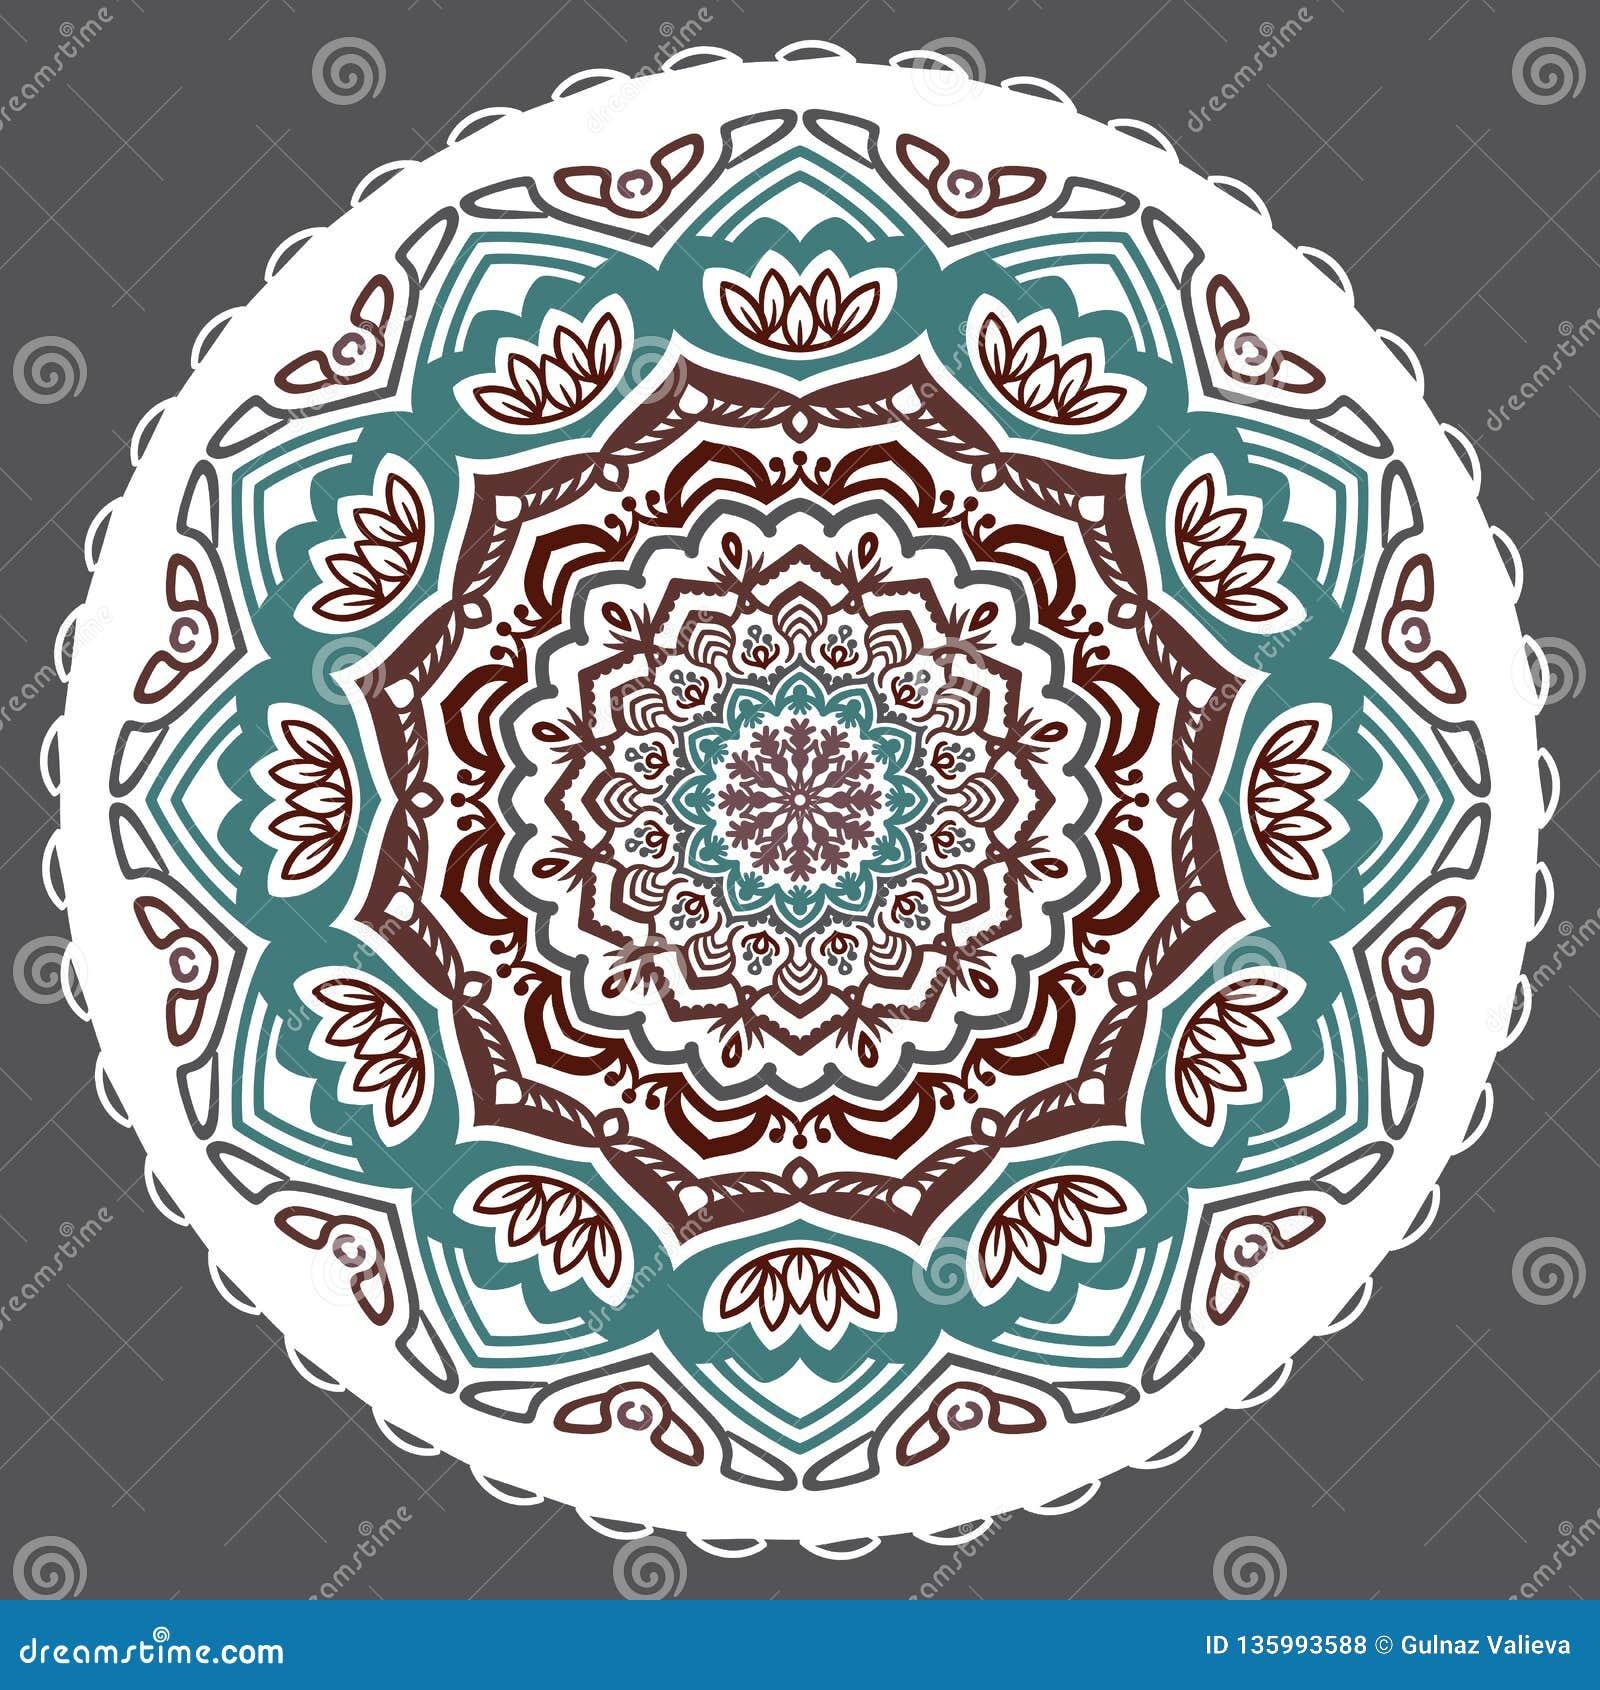 Vector abstracte bloemen twaalf-gerichte mandala op een grijze achtergrond